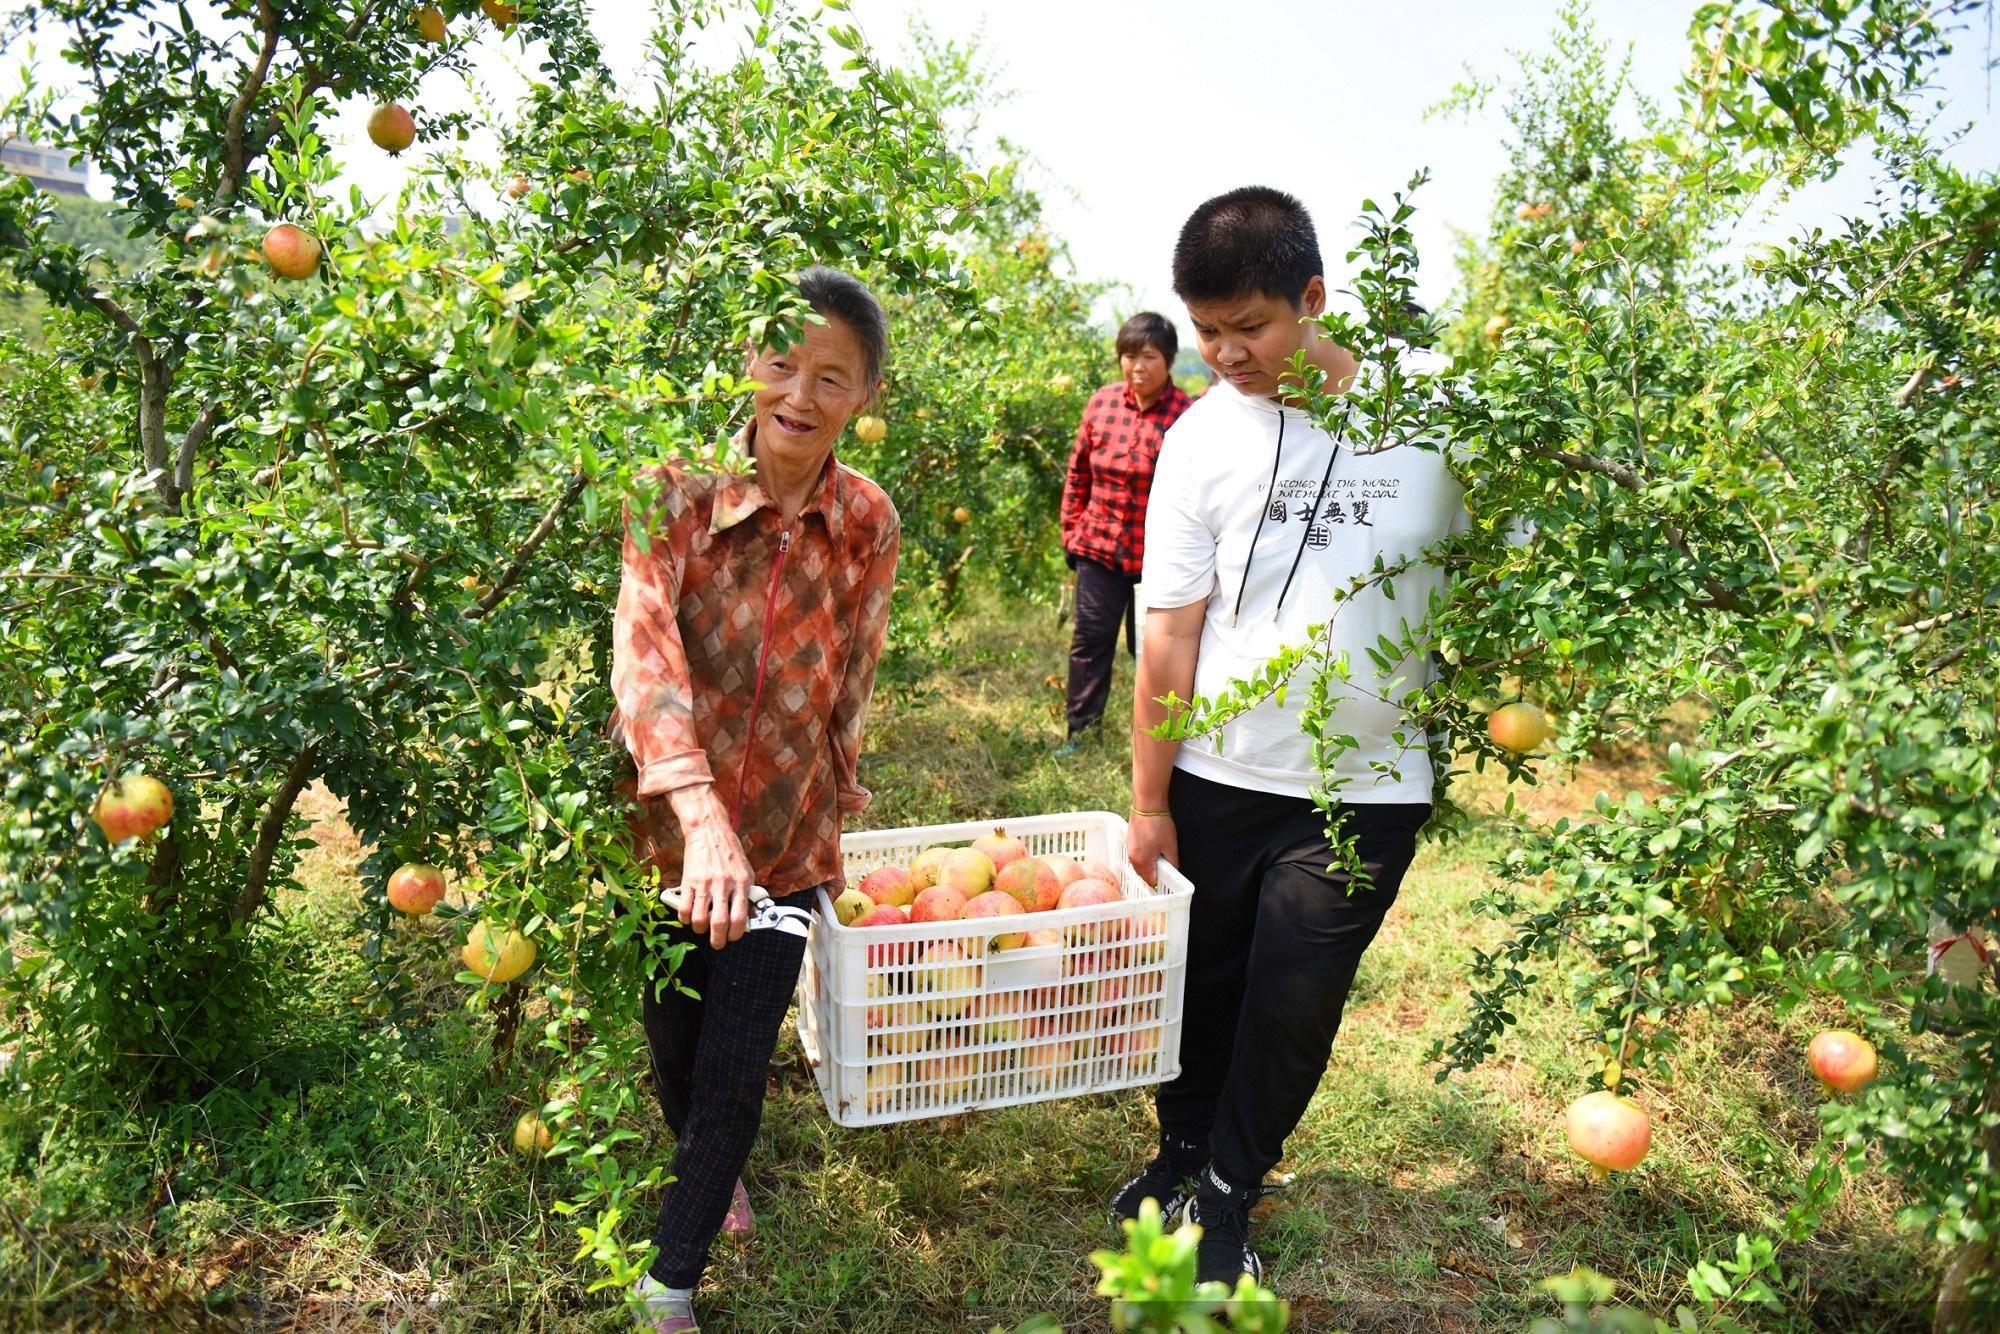 淅川县丹亚湖软籽石榴种植基地,果农们正在采摘。中共淅川县委宣传部供图